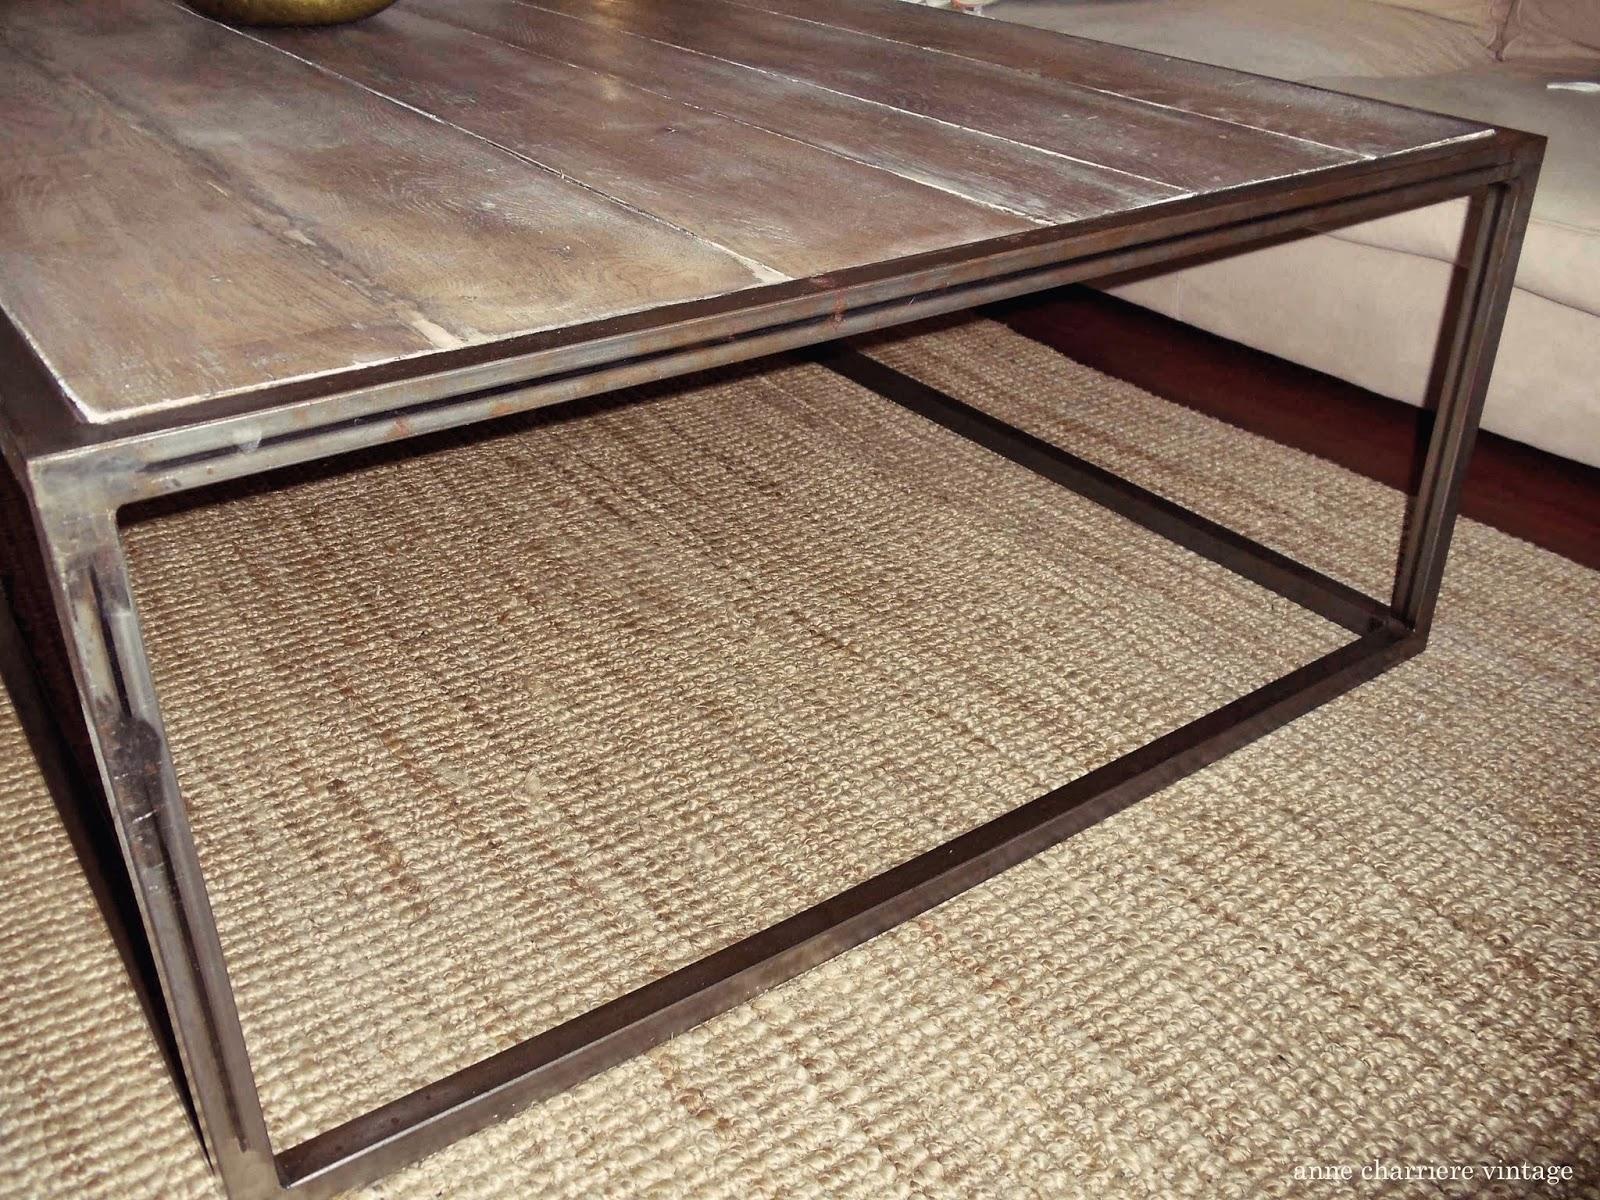 anne charriere vintage, mesa diseño industrial,